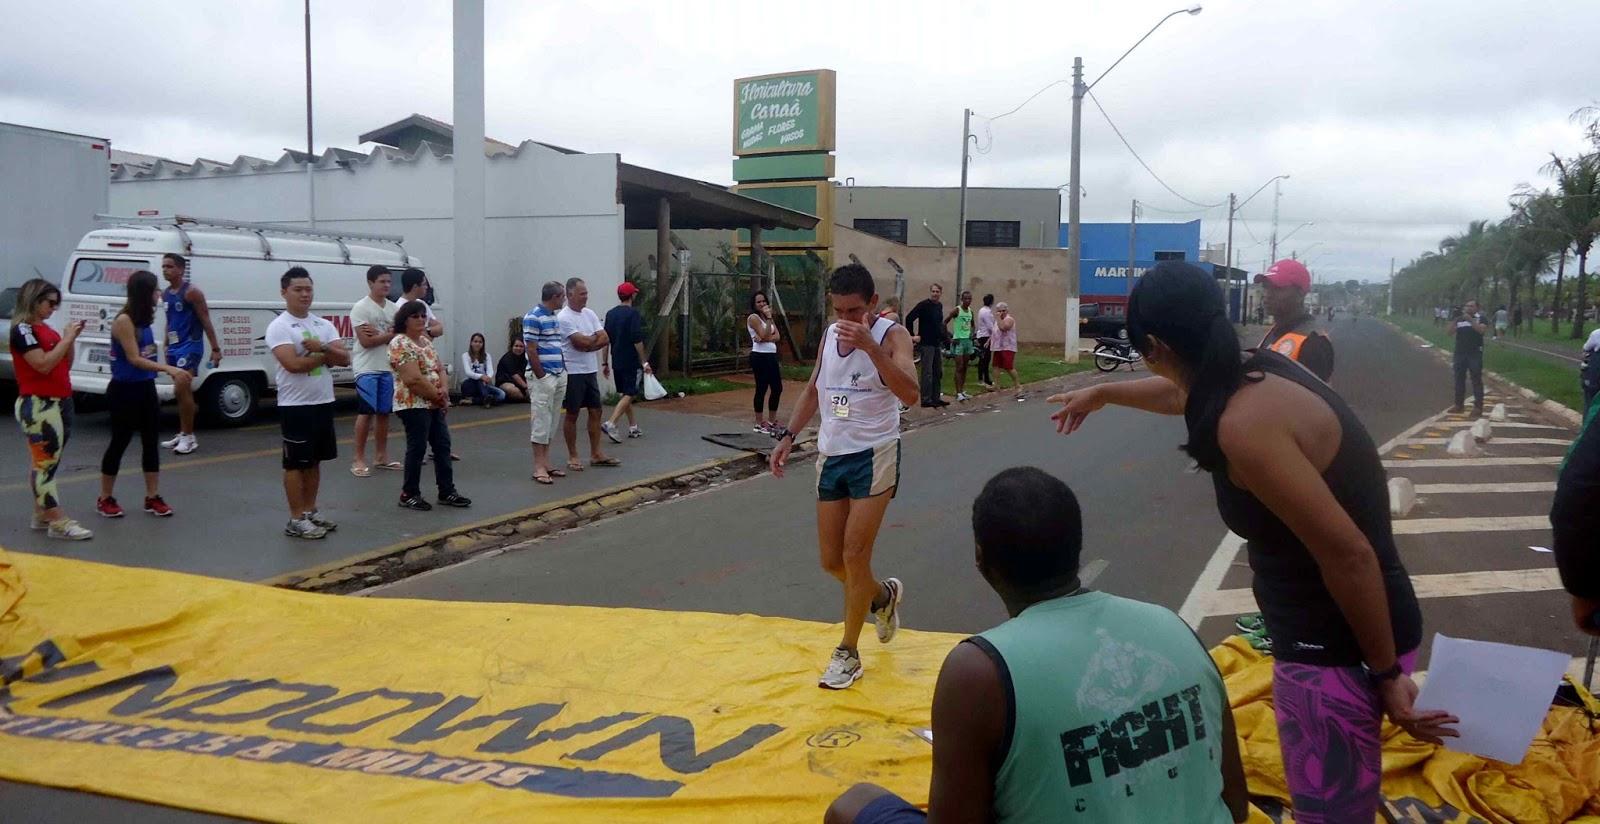 Foto 96 da 1ª Corrida Av. dos Coqueiros em Barretos-SP 14/04/2013 – Atletas cruzando a linha de chegada